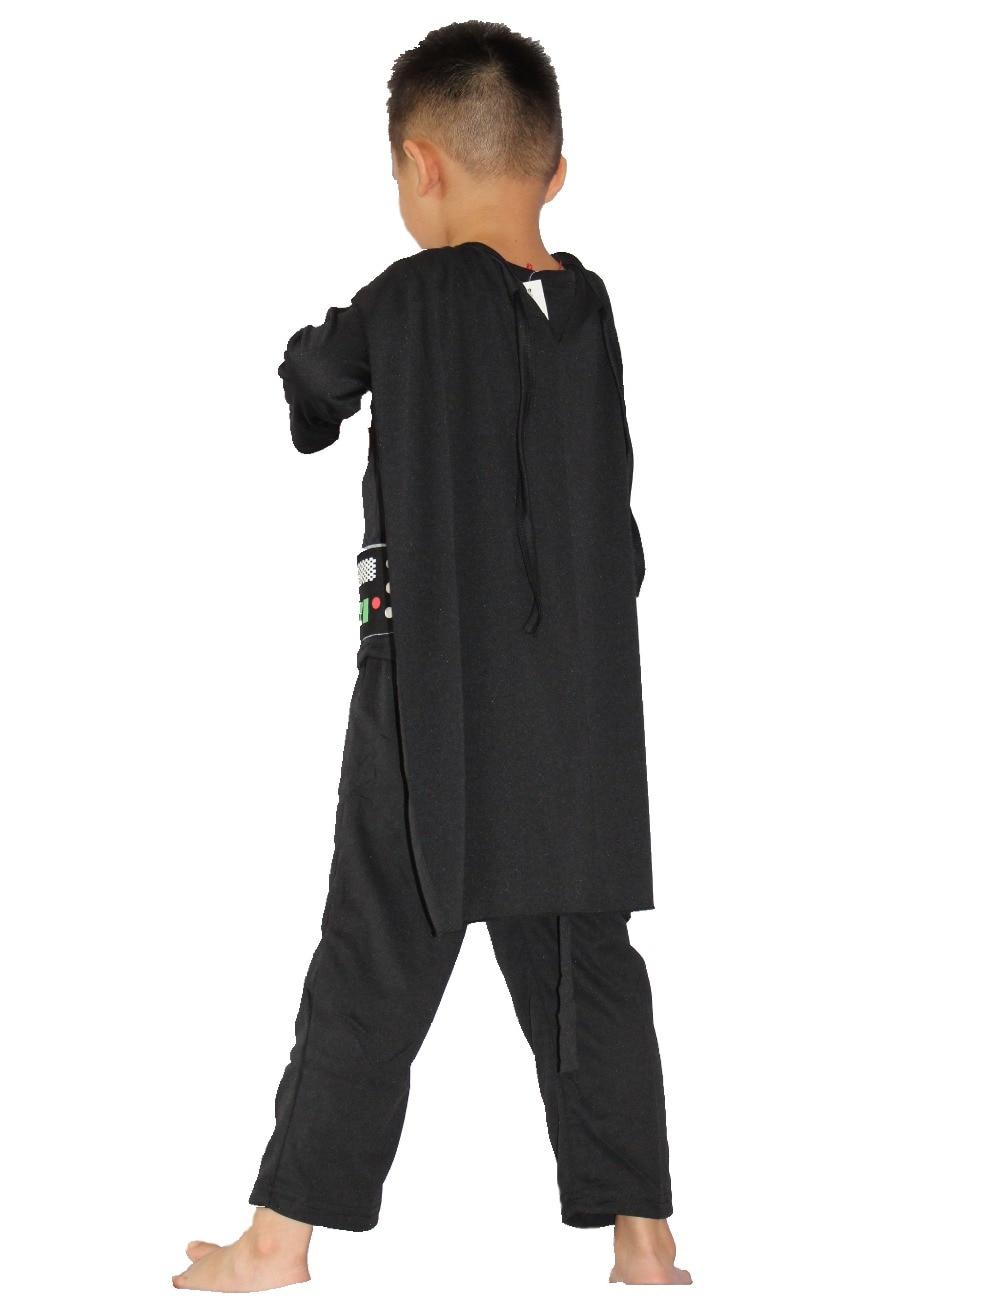 Մեծածախ / մանրածախ 3-7 տարեկան տղա - Կարնավալային հագուստները - Լուսանկար 6